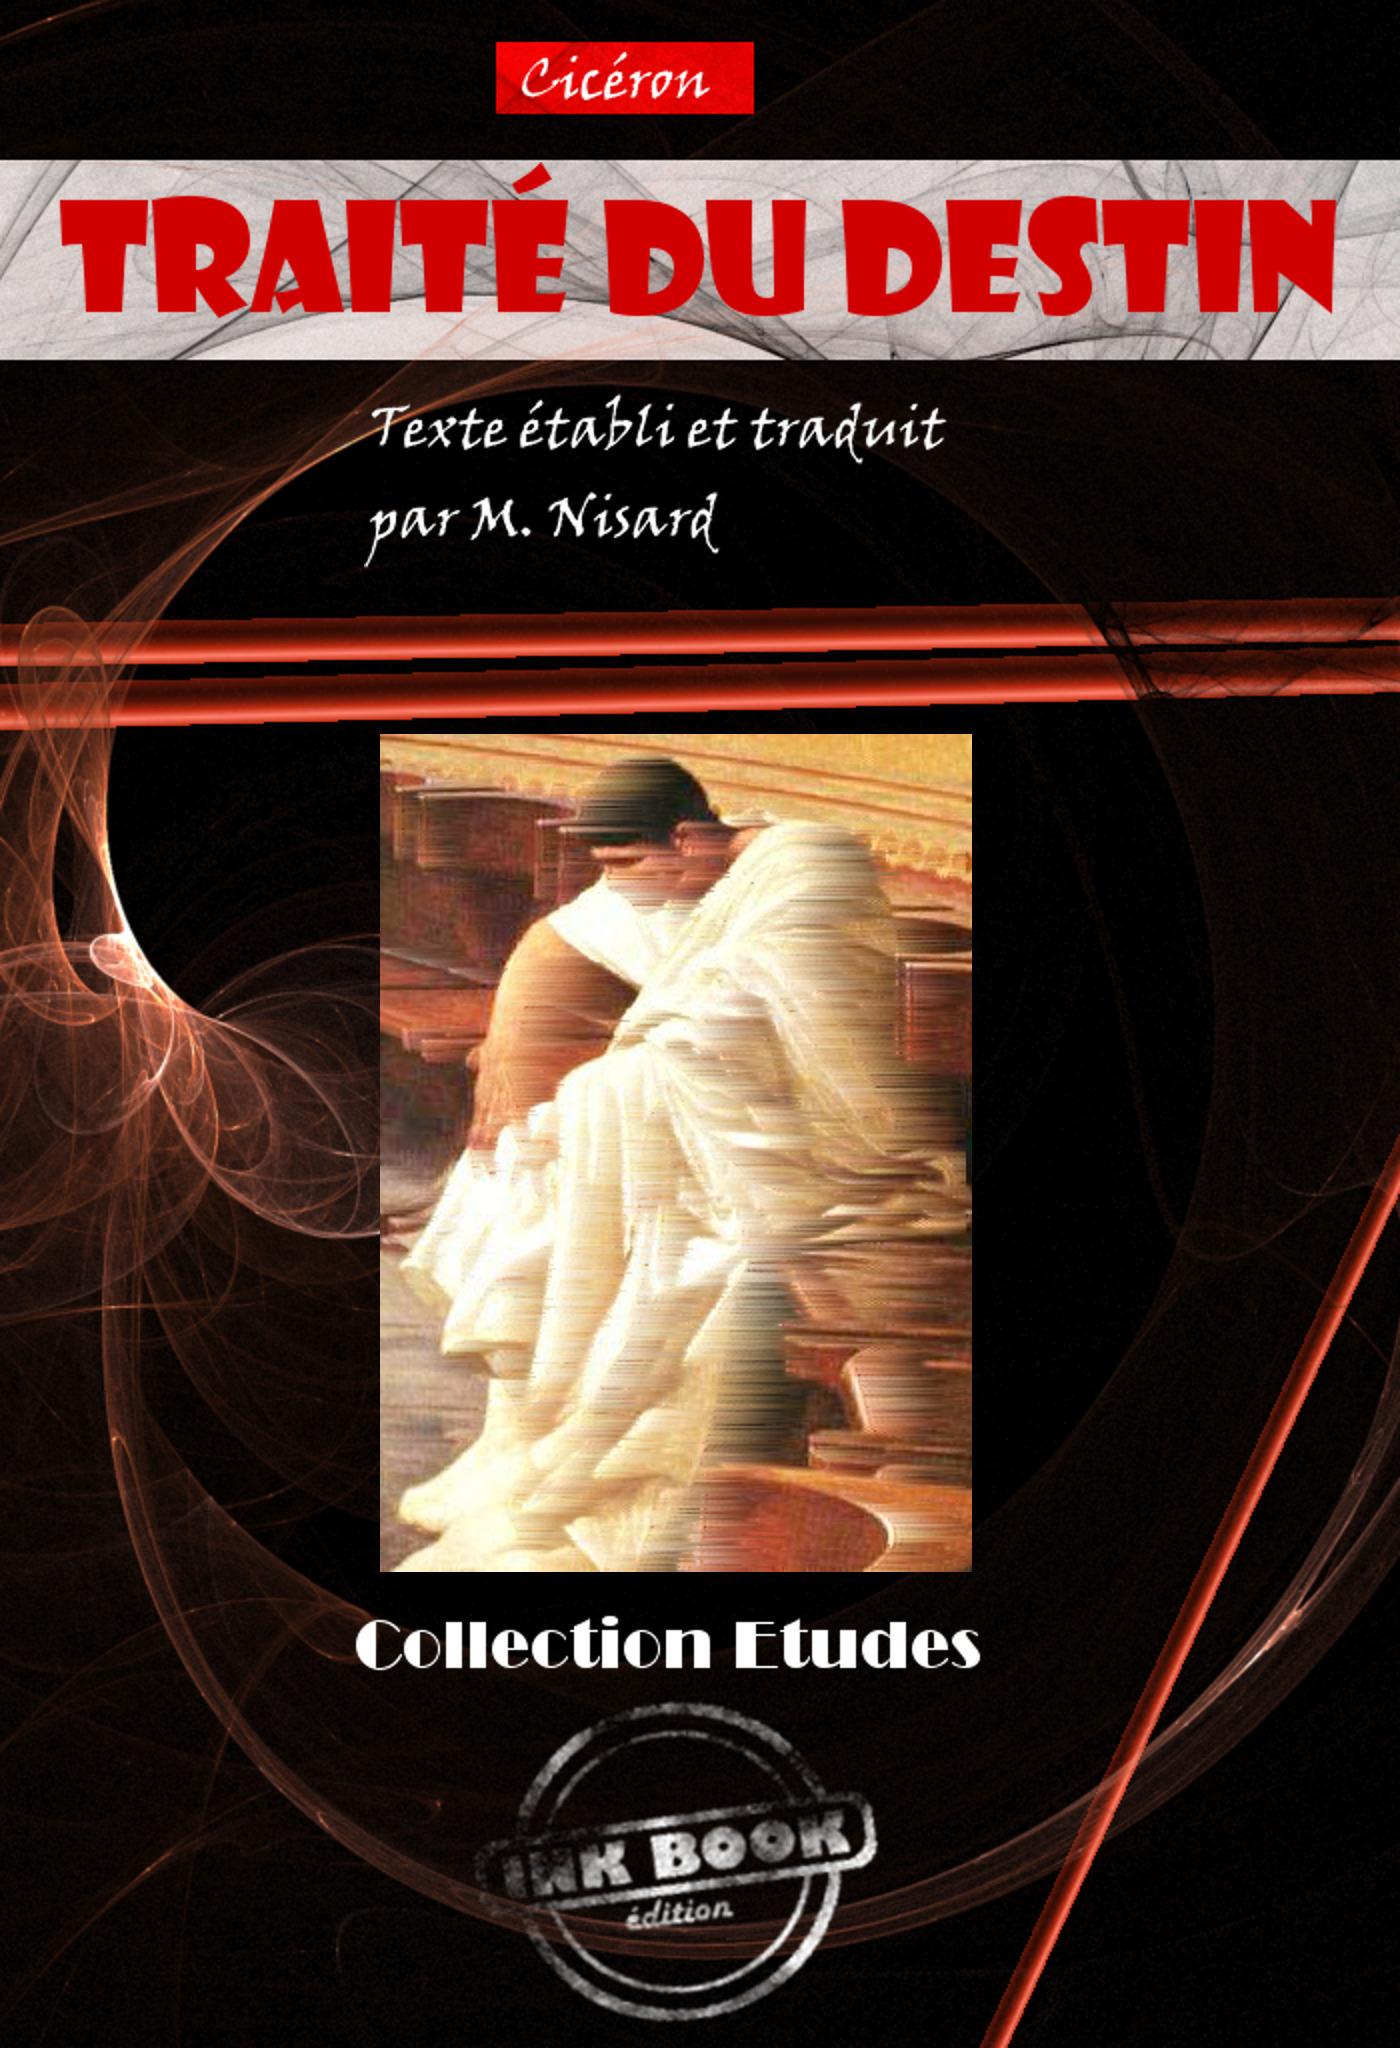 Cicéron Traité du destin. Texte établi et traduit par M. Nisard